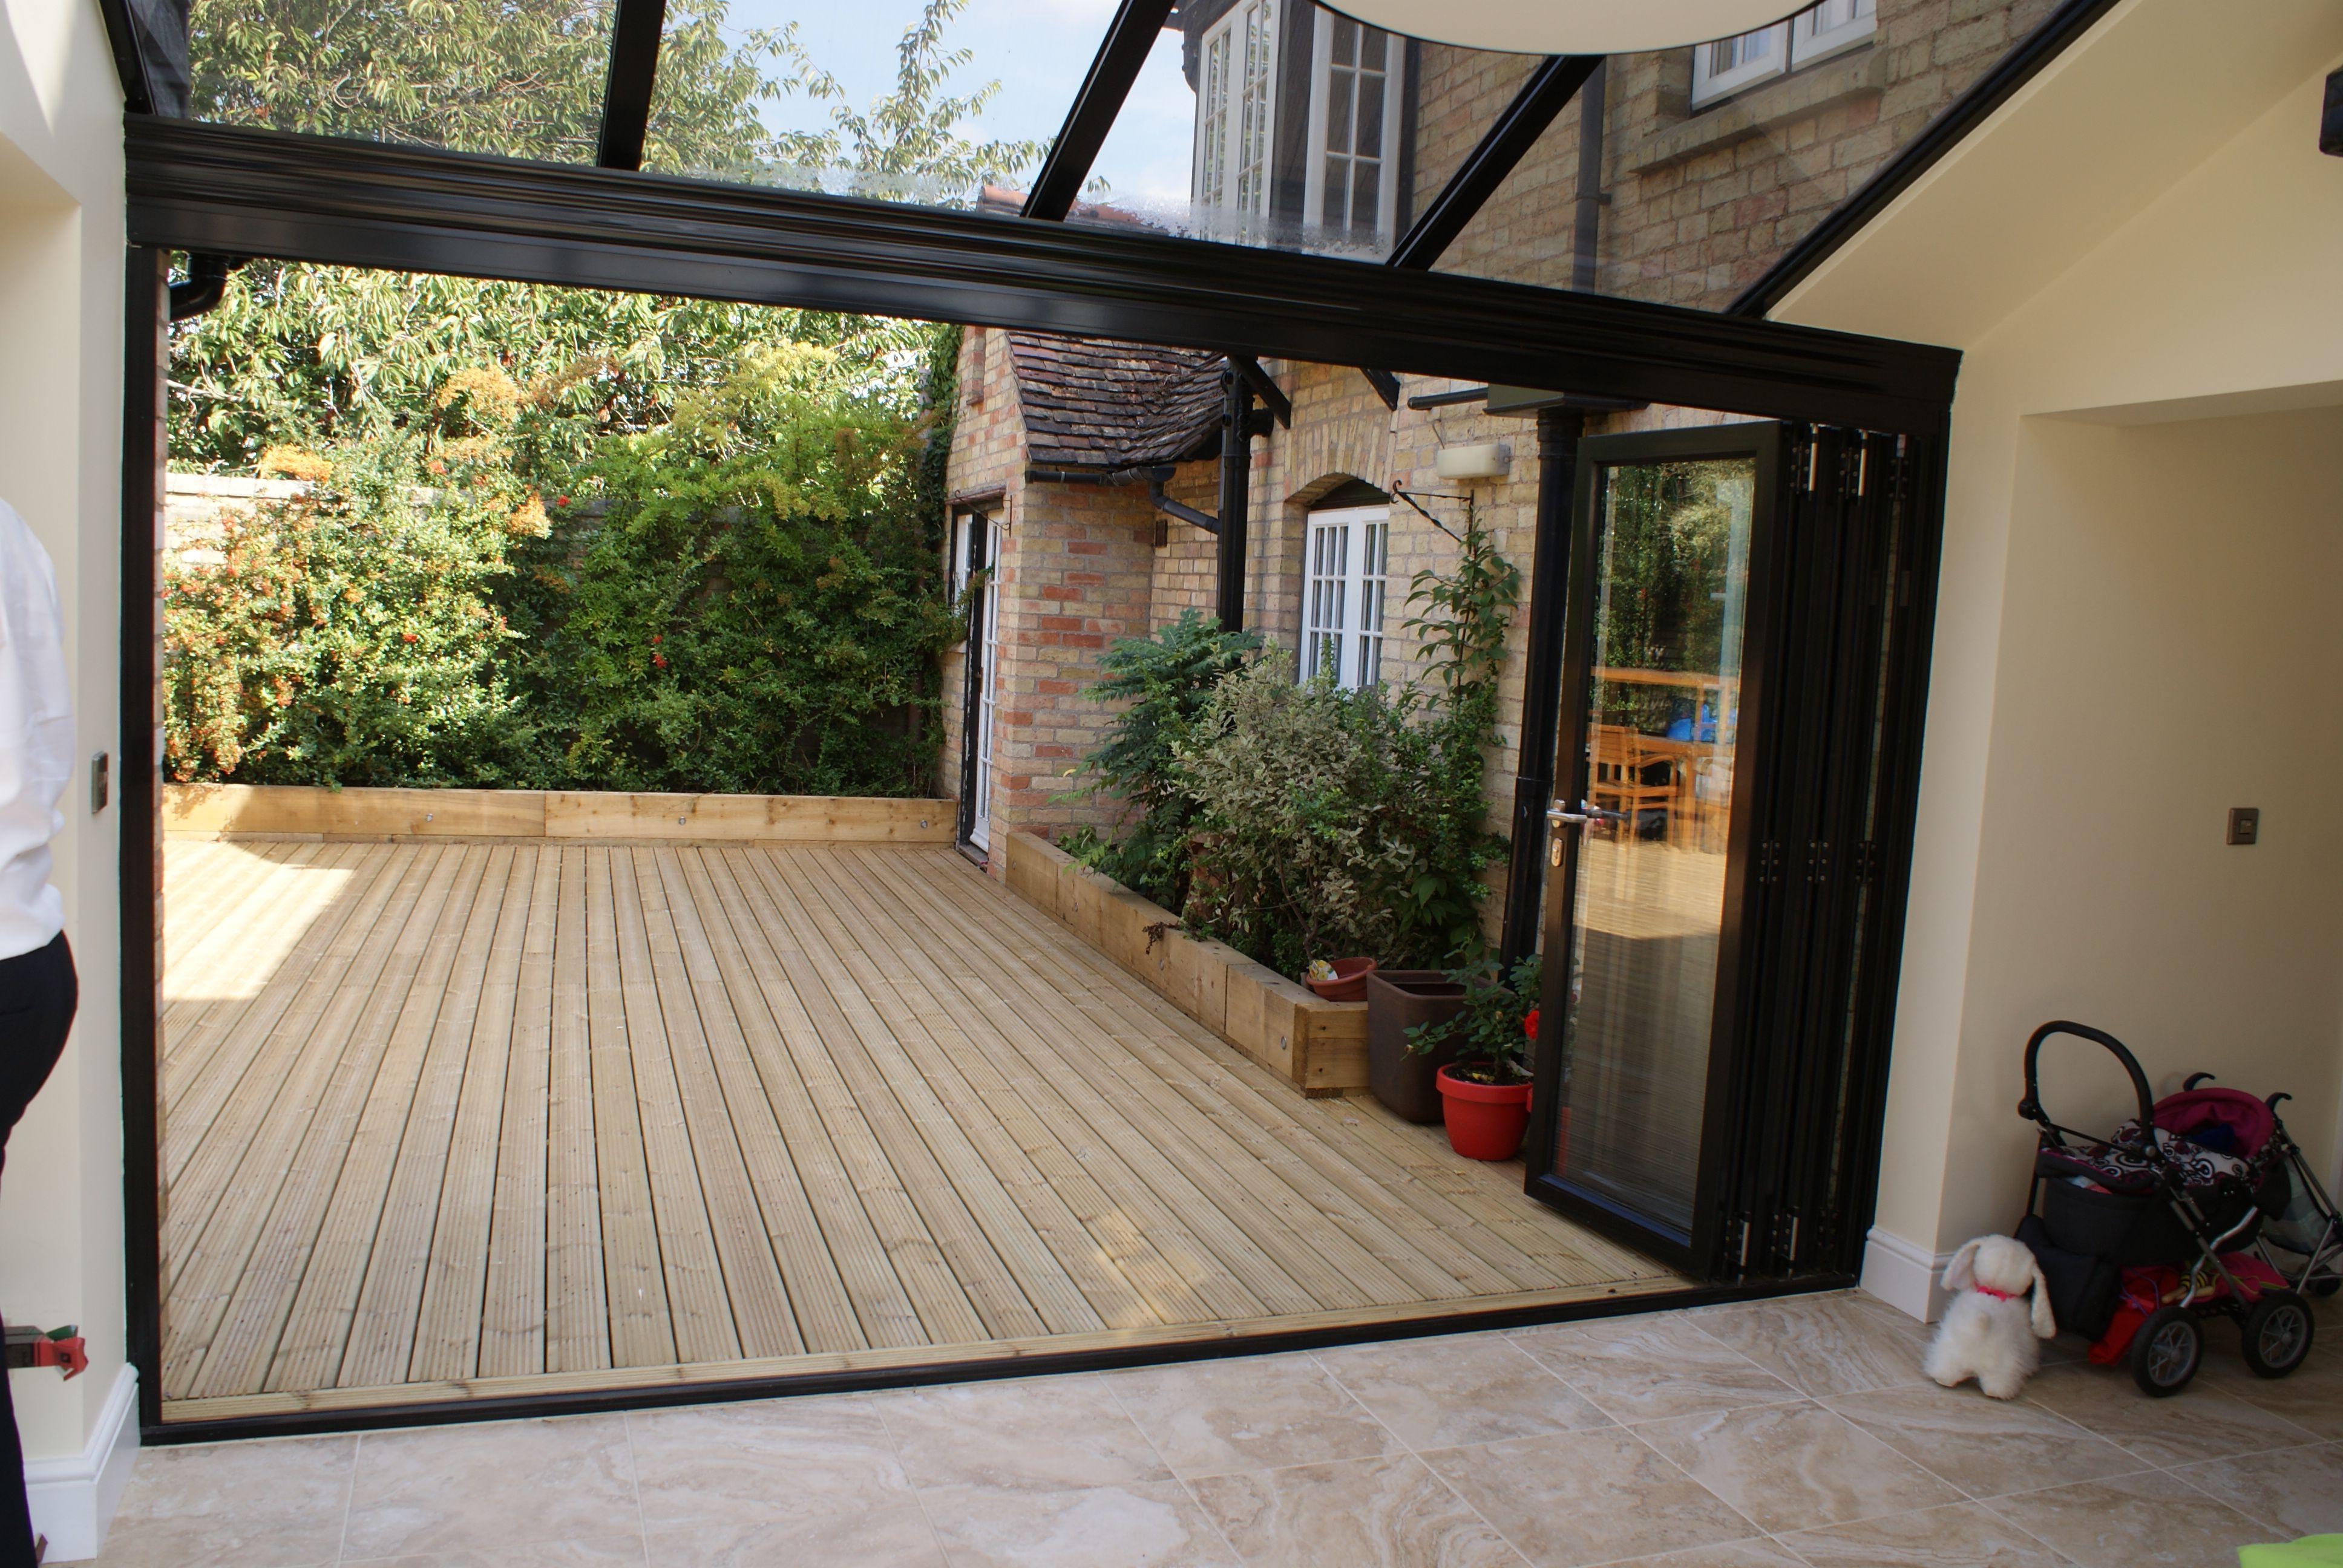 A four panel Sunflex SF75 bifold door system closed. | Bifold Door Gallery | Pinterest | Doors & A four panel Sunflex SF75 bifold door system closed. | Bifold Door ... pezcame.com